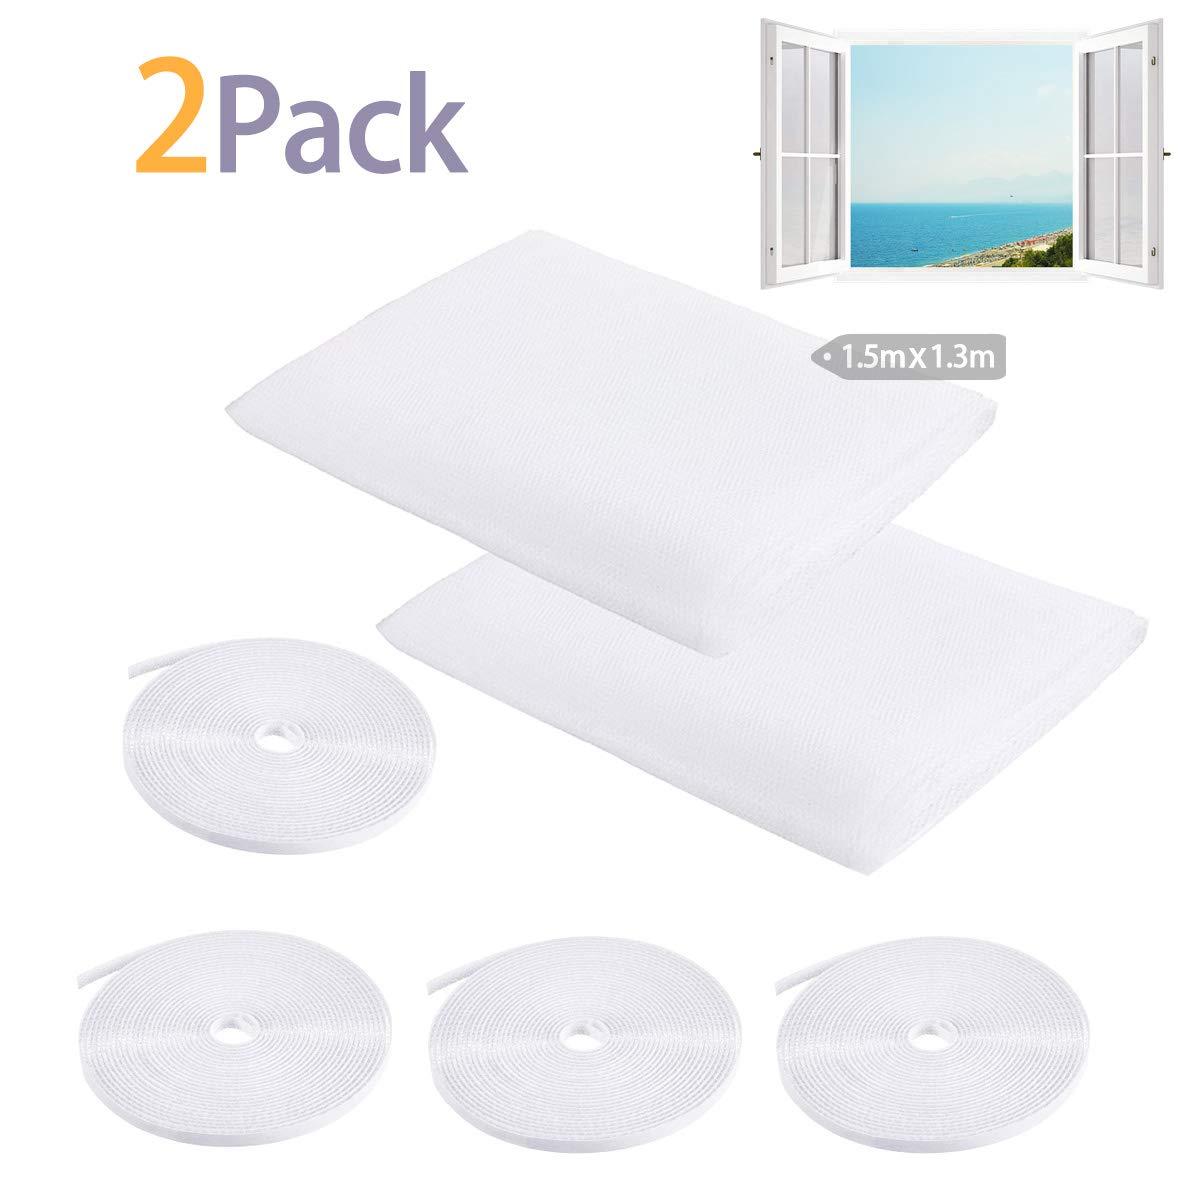 2 paquetes de 4 rollos de cinta adhesiva para mosquitos Kit de mosquitera autoadhesiva para ventana 1,5 m x 1,3 m malla de insectos color blanco